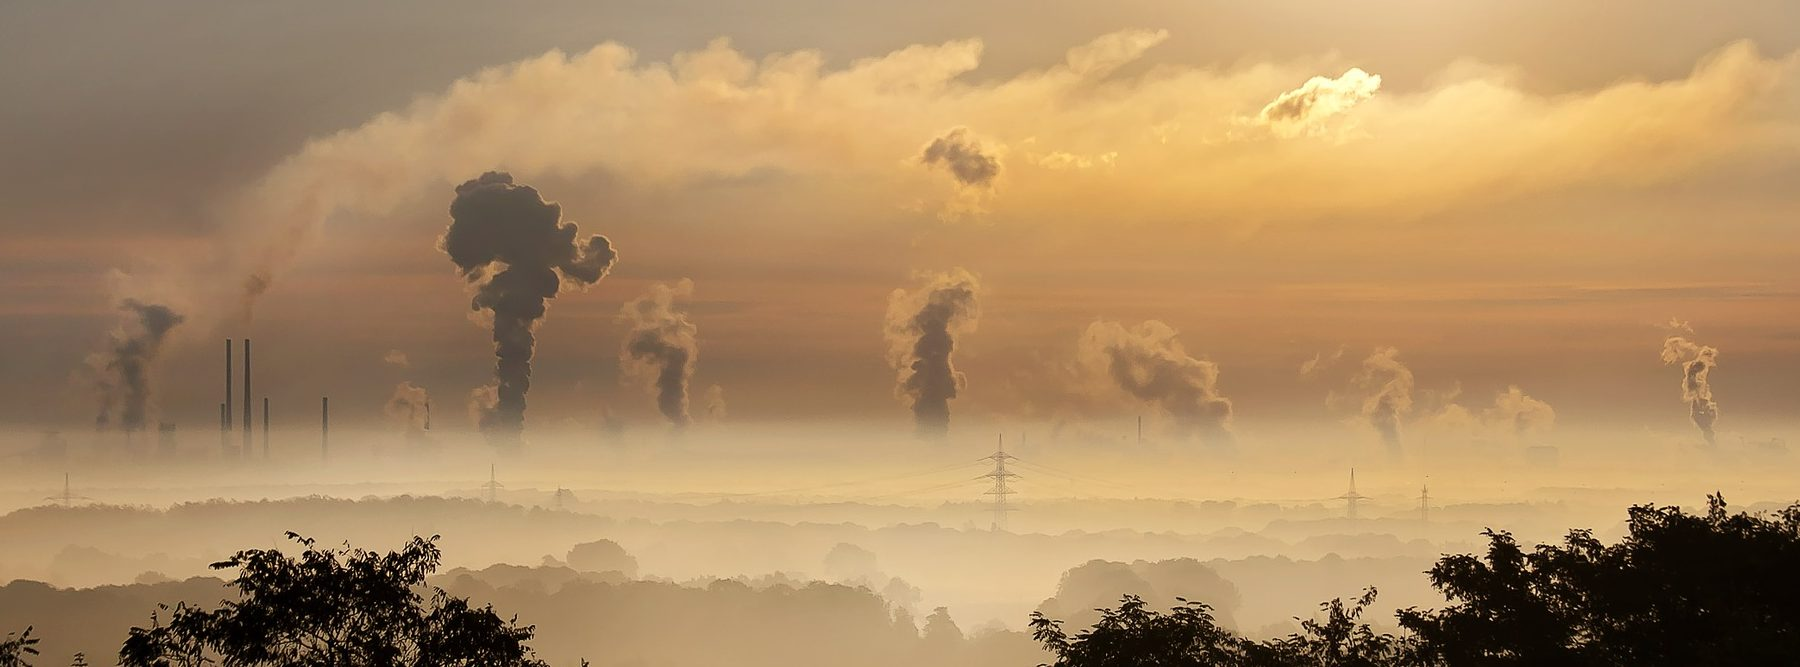 Una startup está descarbonizando la industria química